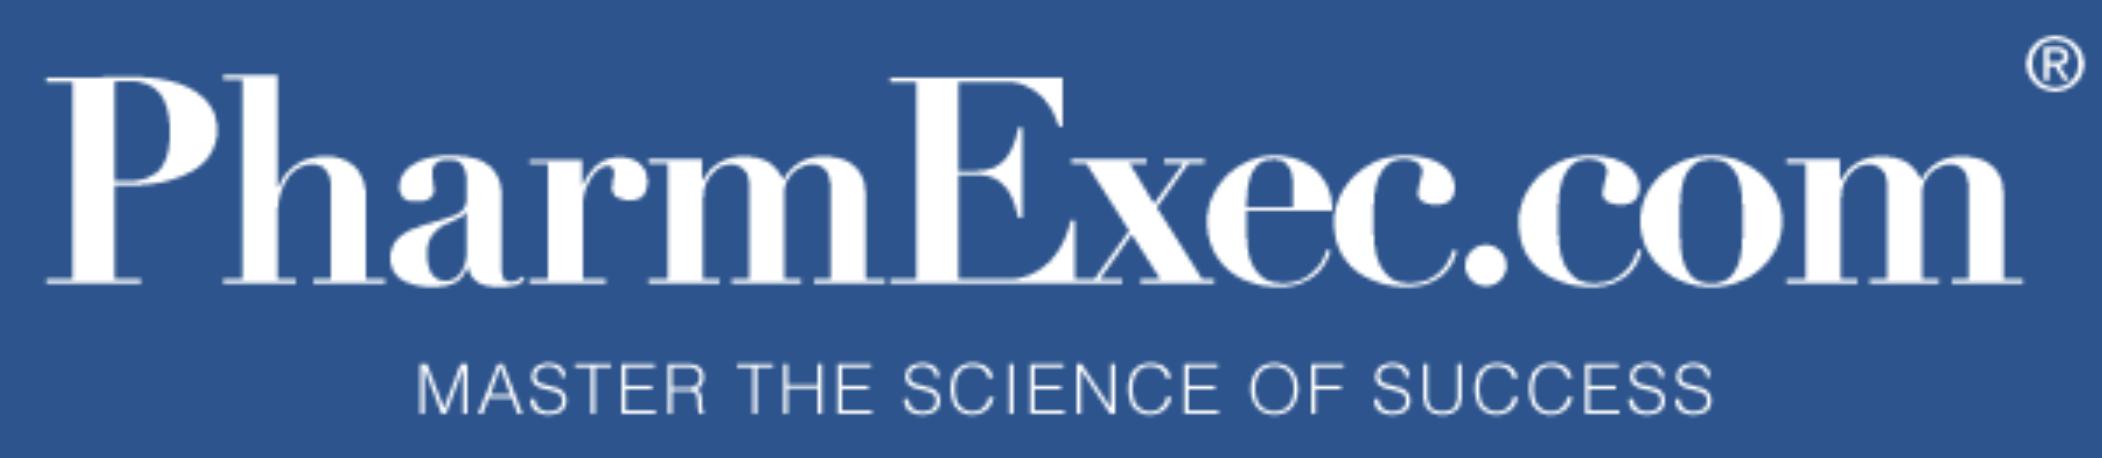 pharmaexec .com